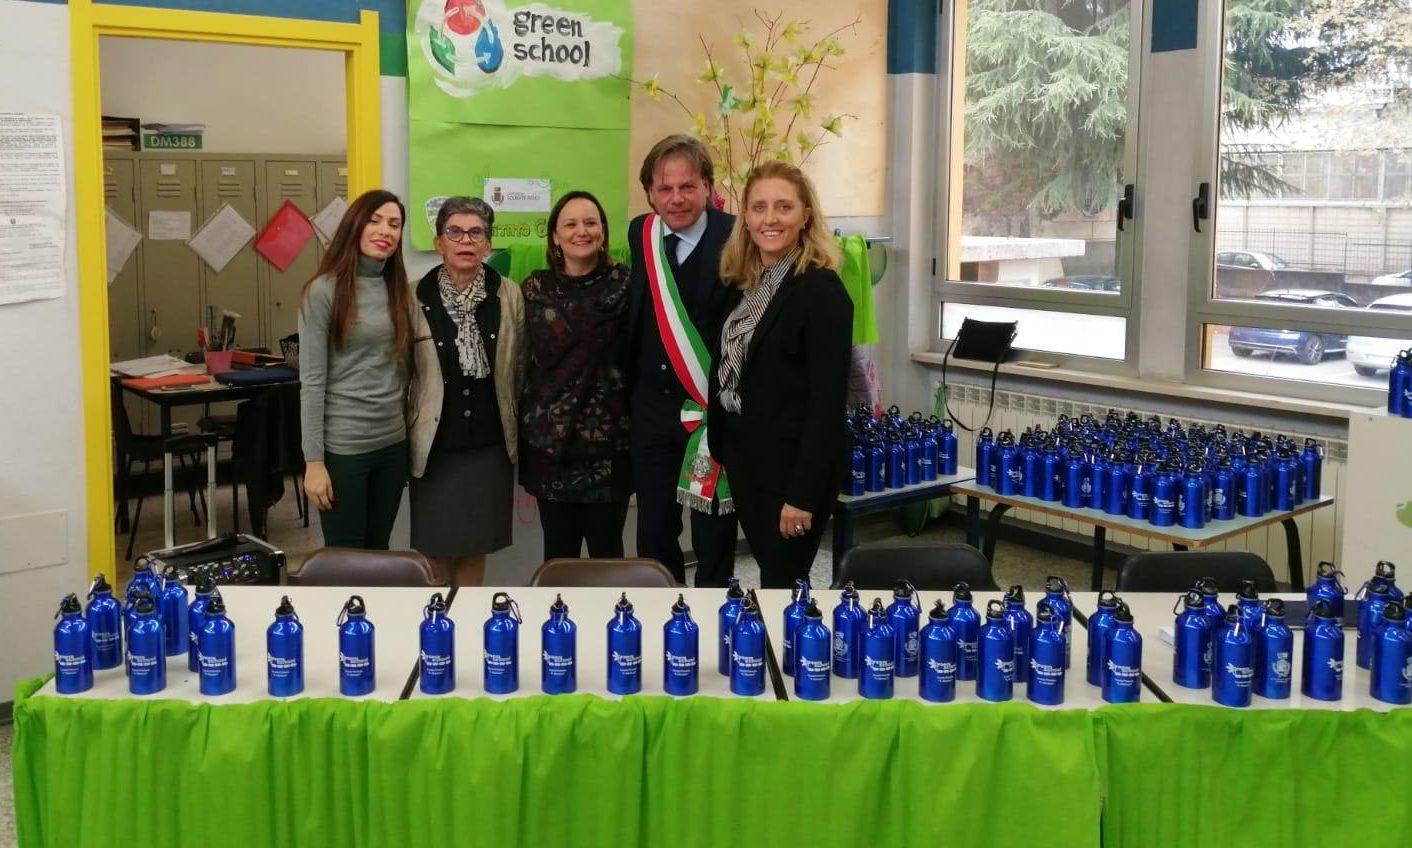 green school solbiate arno